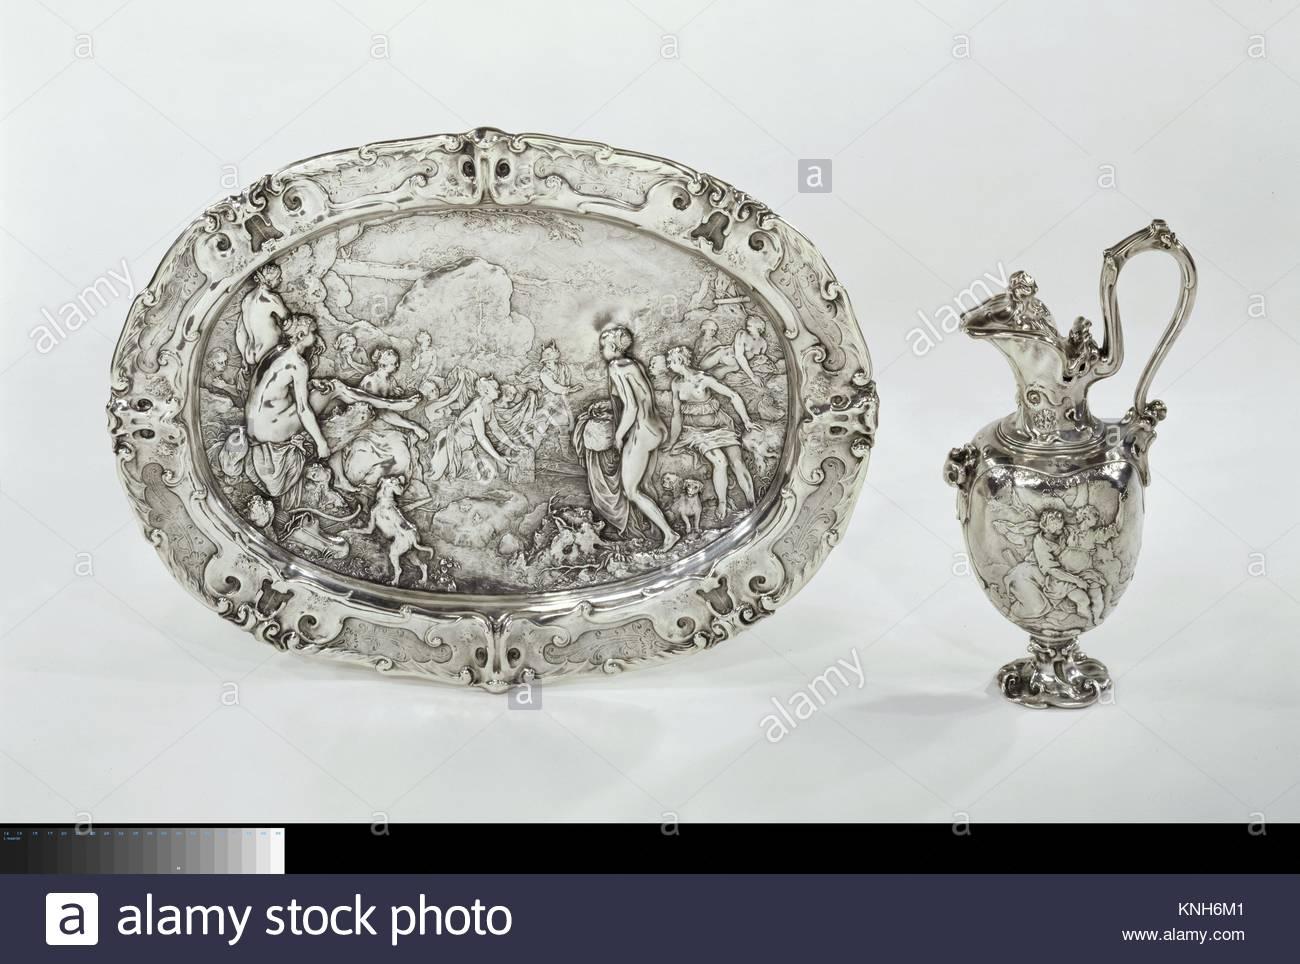 Ewer with scenes from the story of Diana and Callisto, Paulus Willemsz. van Vianen, 1613 Rijksmuseum, Netherlands. - Stock Image